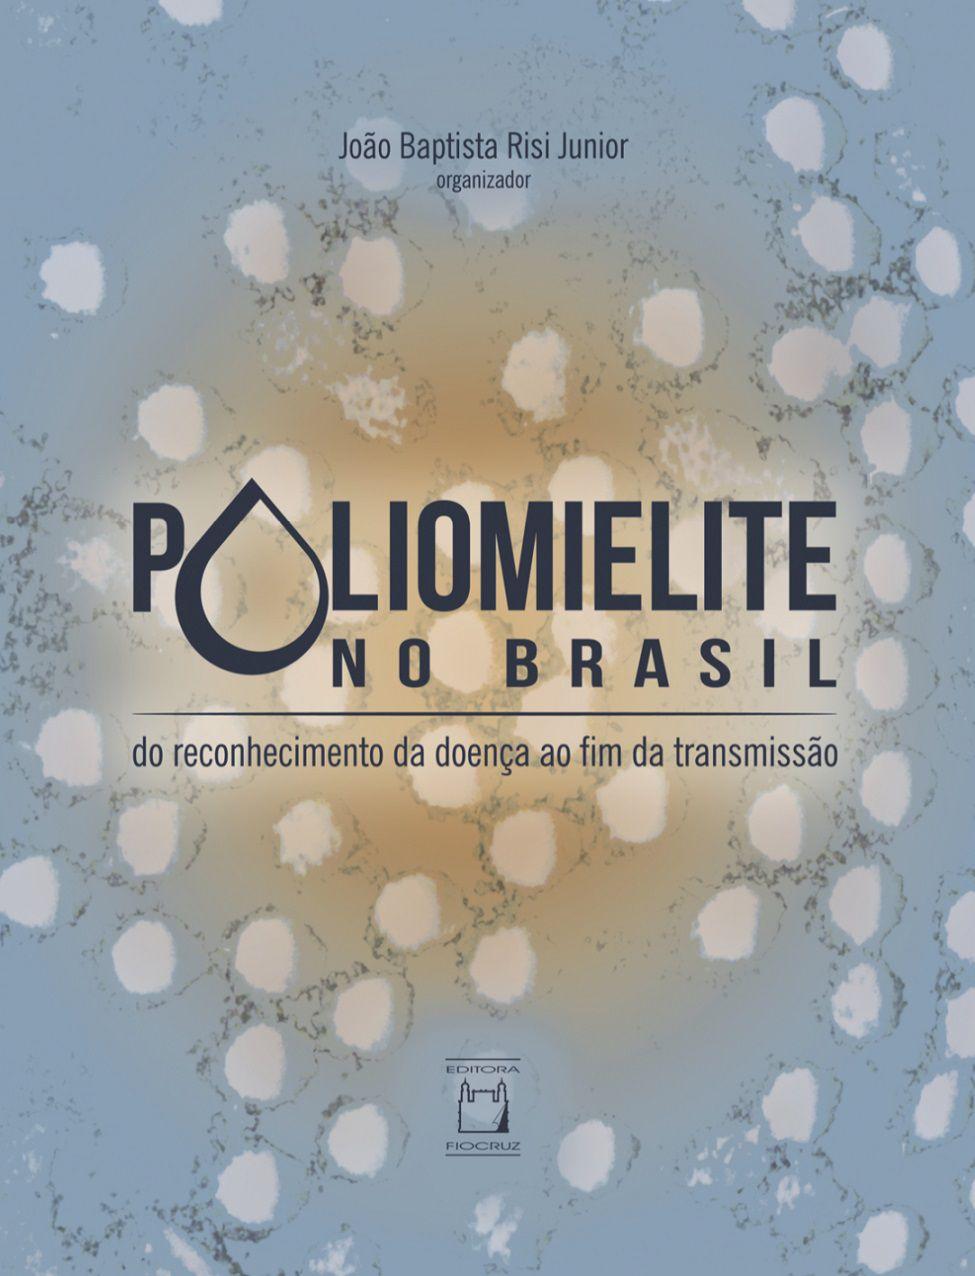 Poliomielite no Brasil: do reconhecimento da doença ao fim da transmissão  - Livraria Virtual da Editora Fiocruz